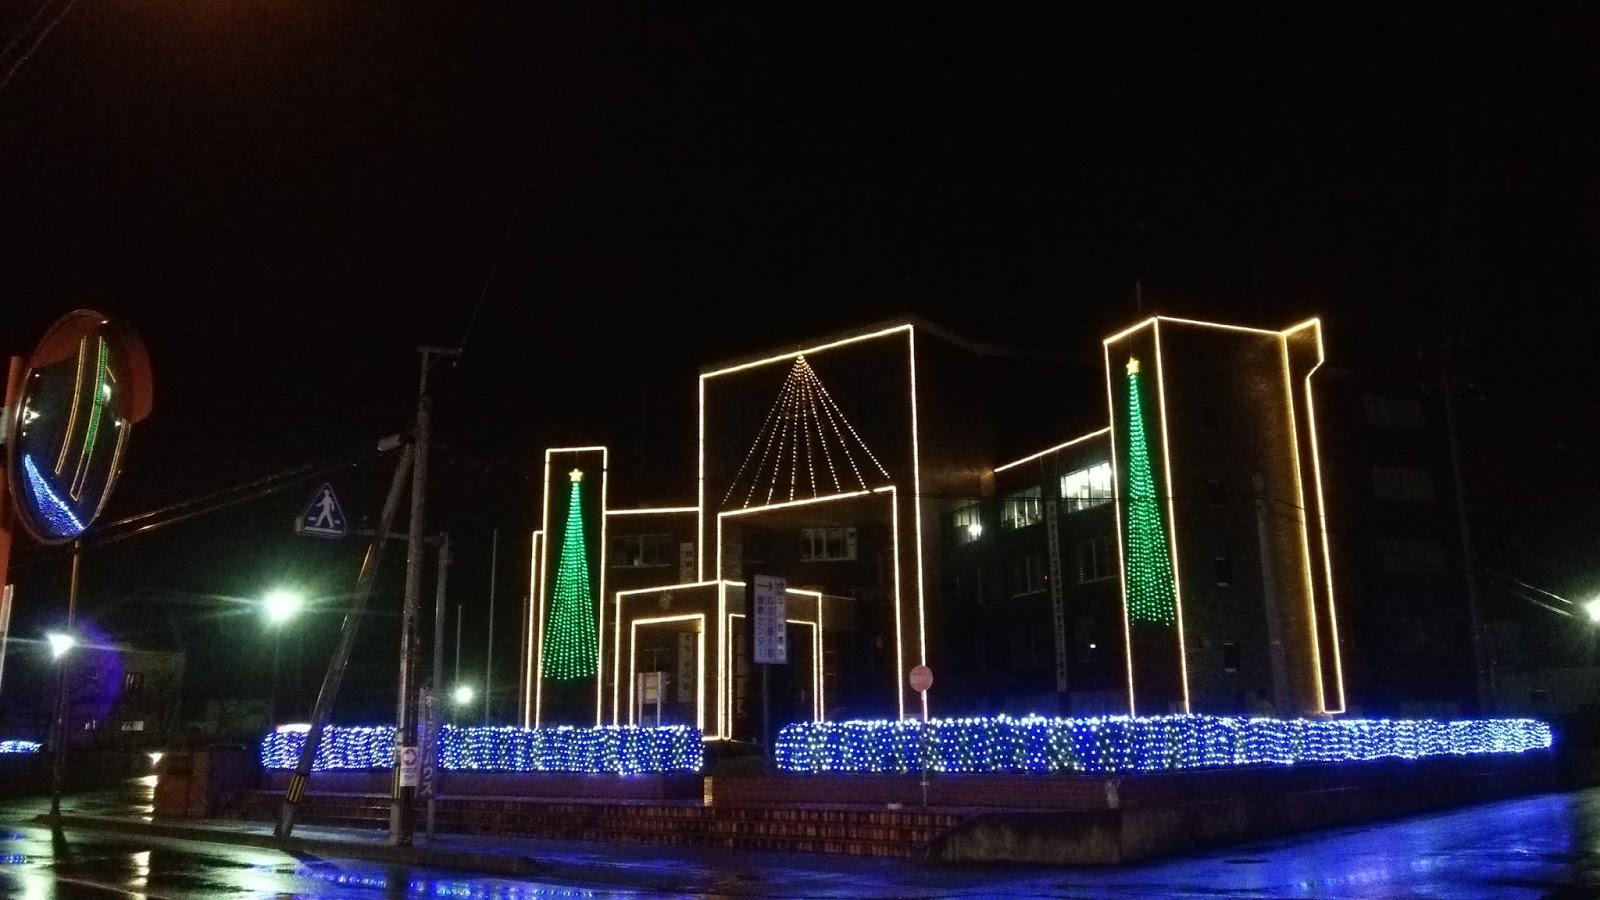 Hirakawa Illumination Promenade ひらかわイルミネーションプロムナード 平川市